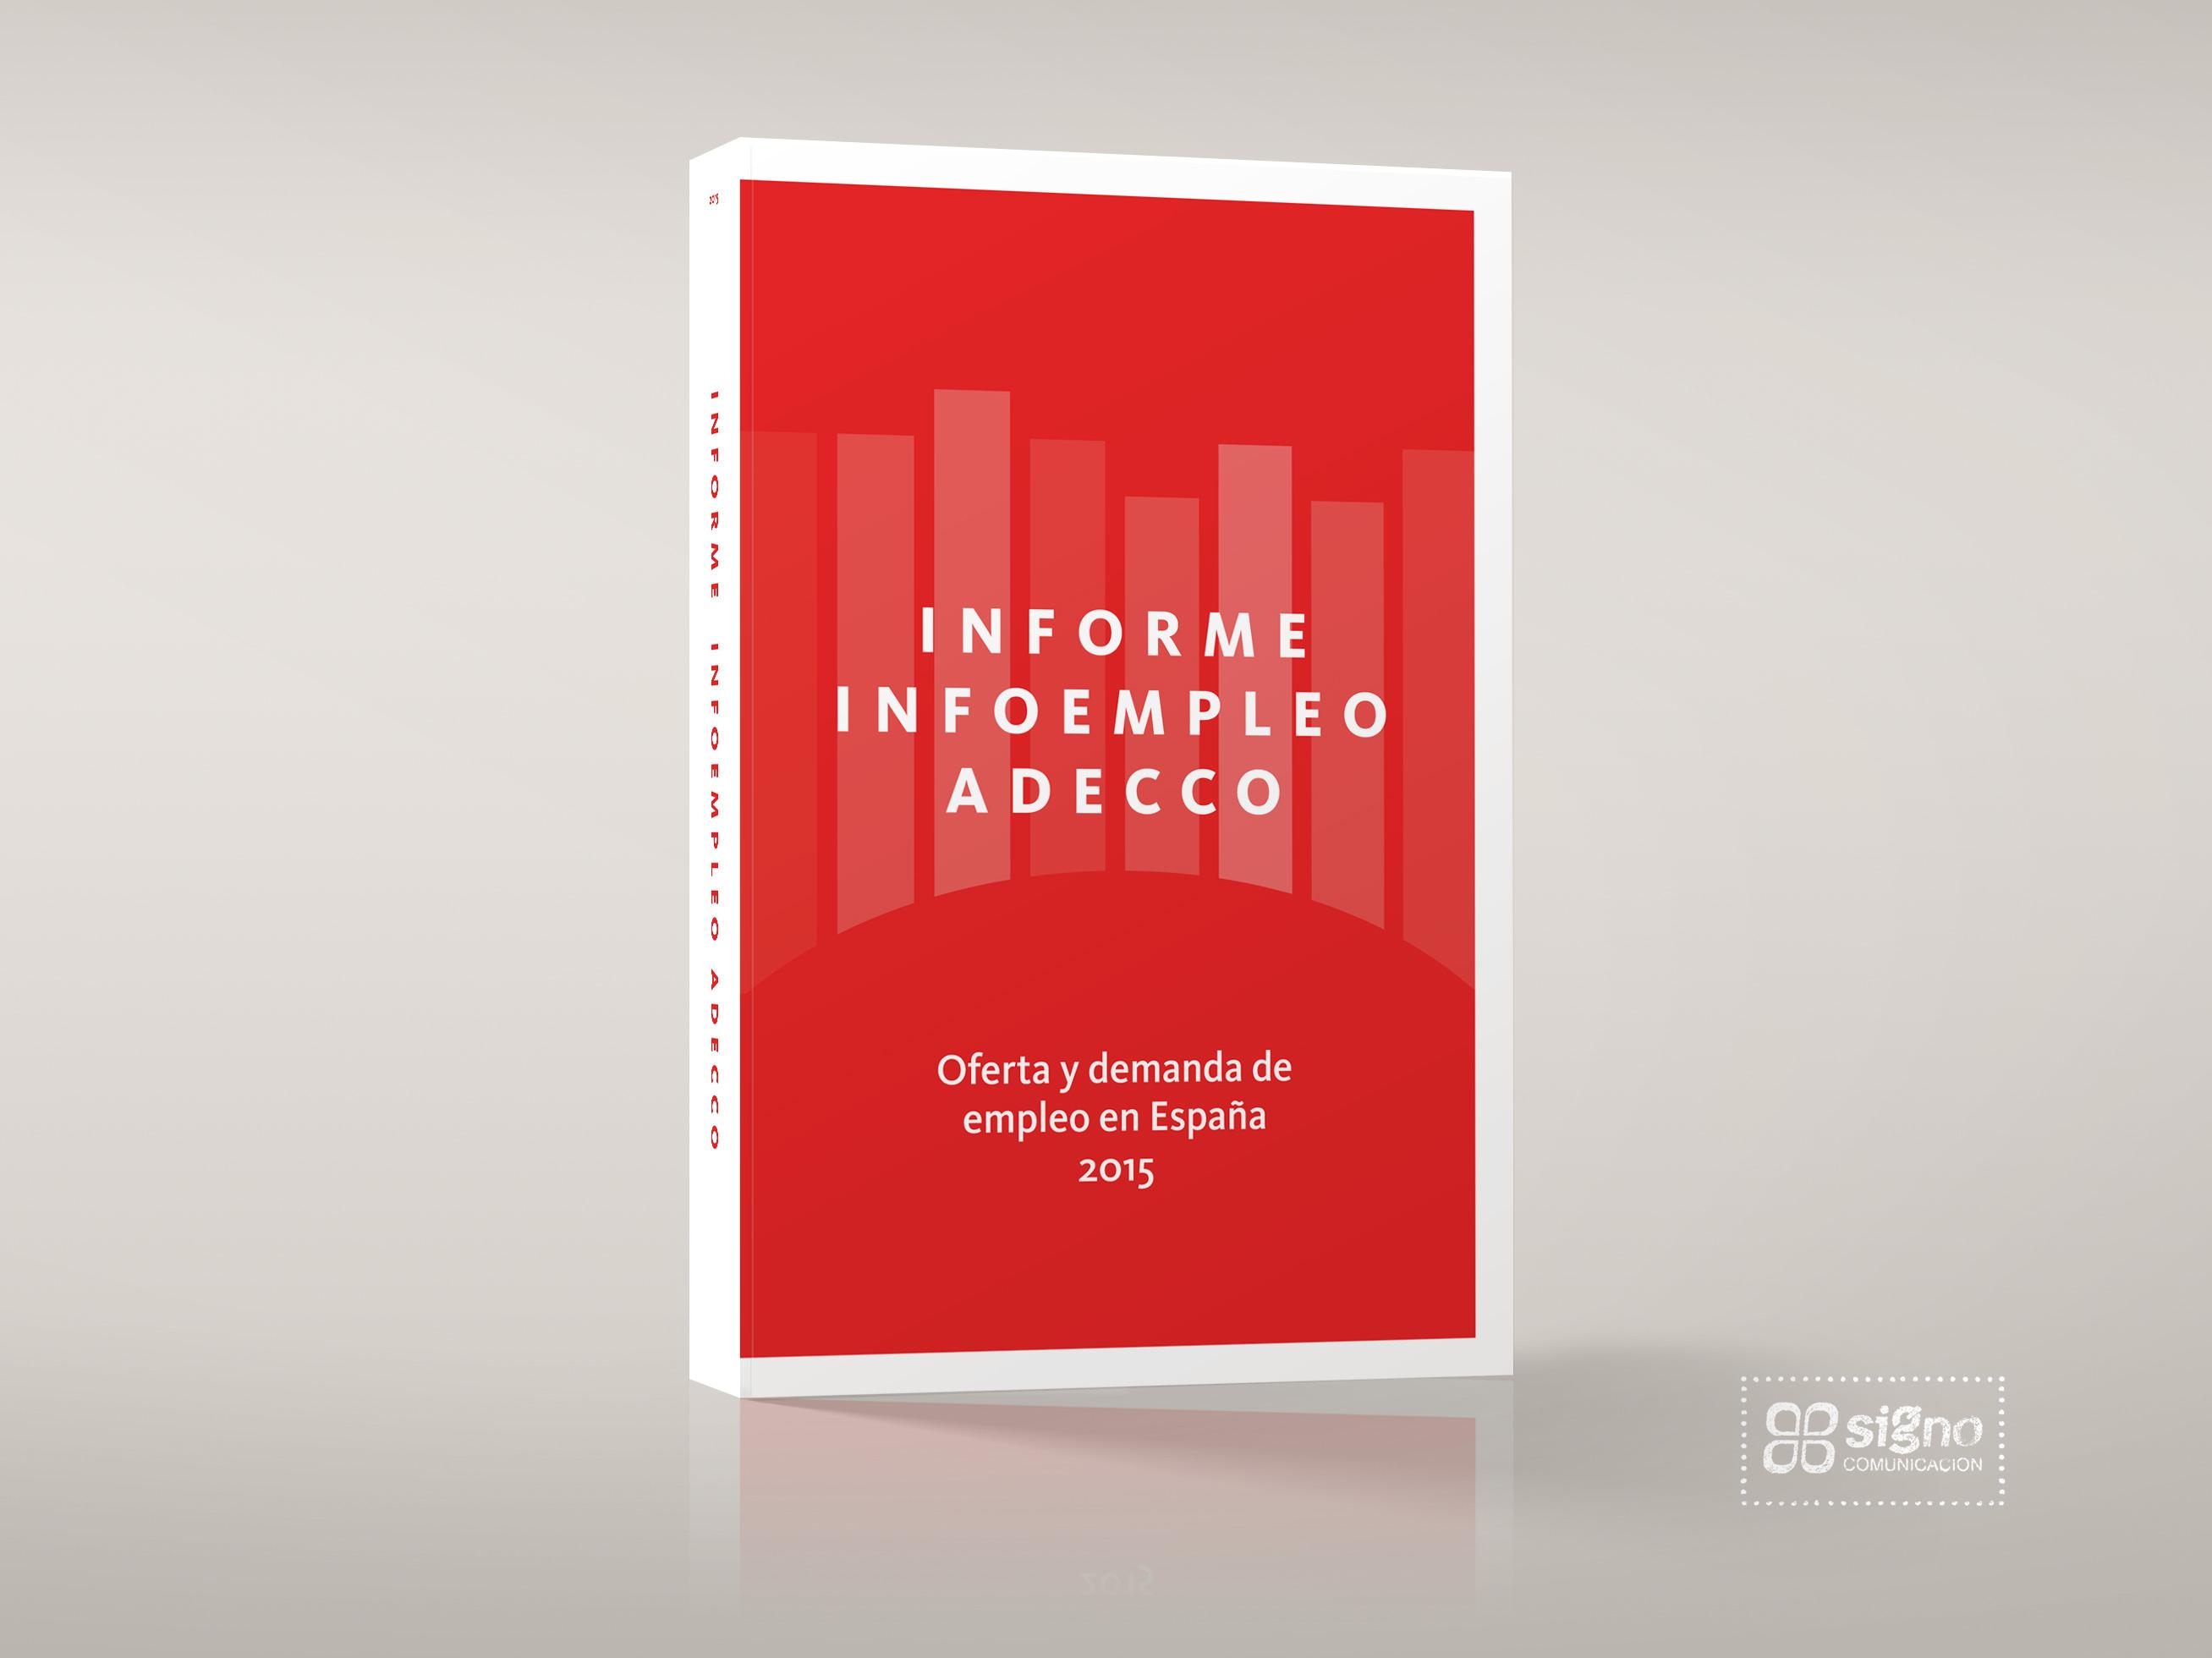 infoempleo-informe-adecco-2015-editorial-0.